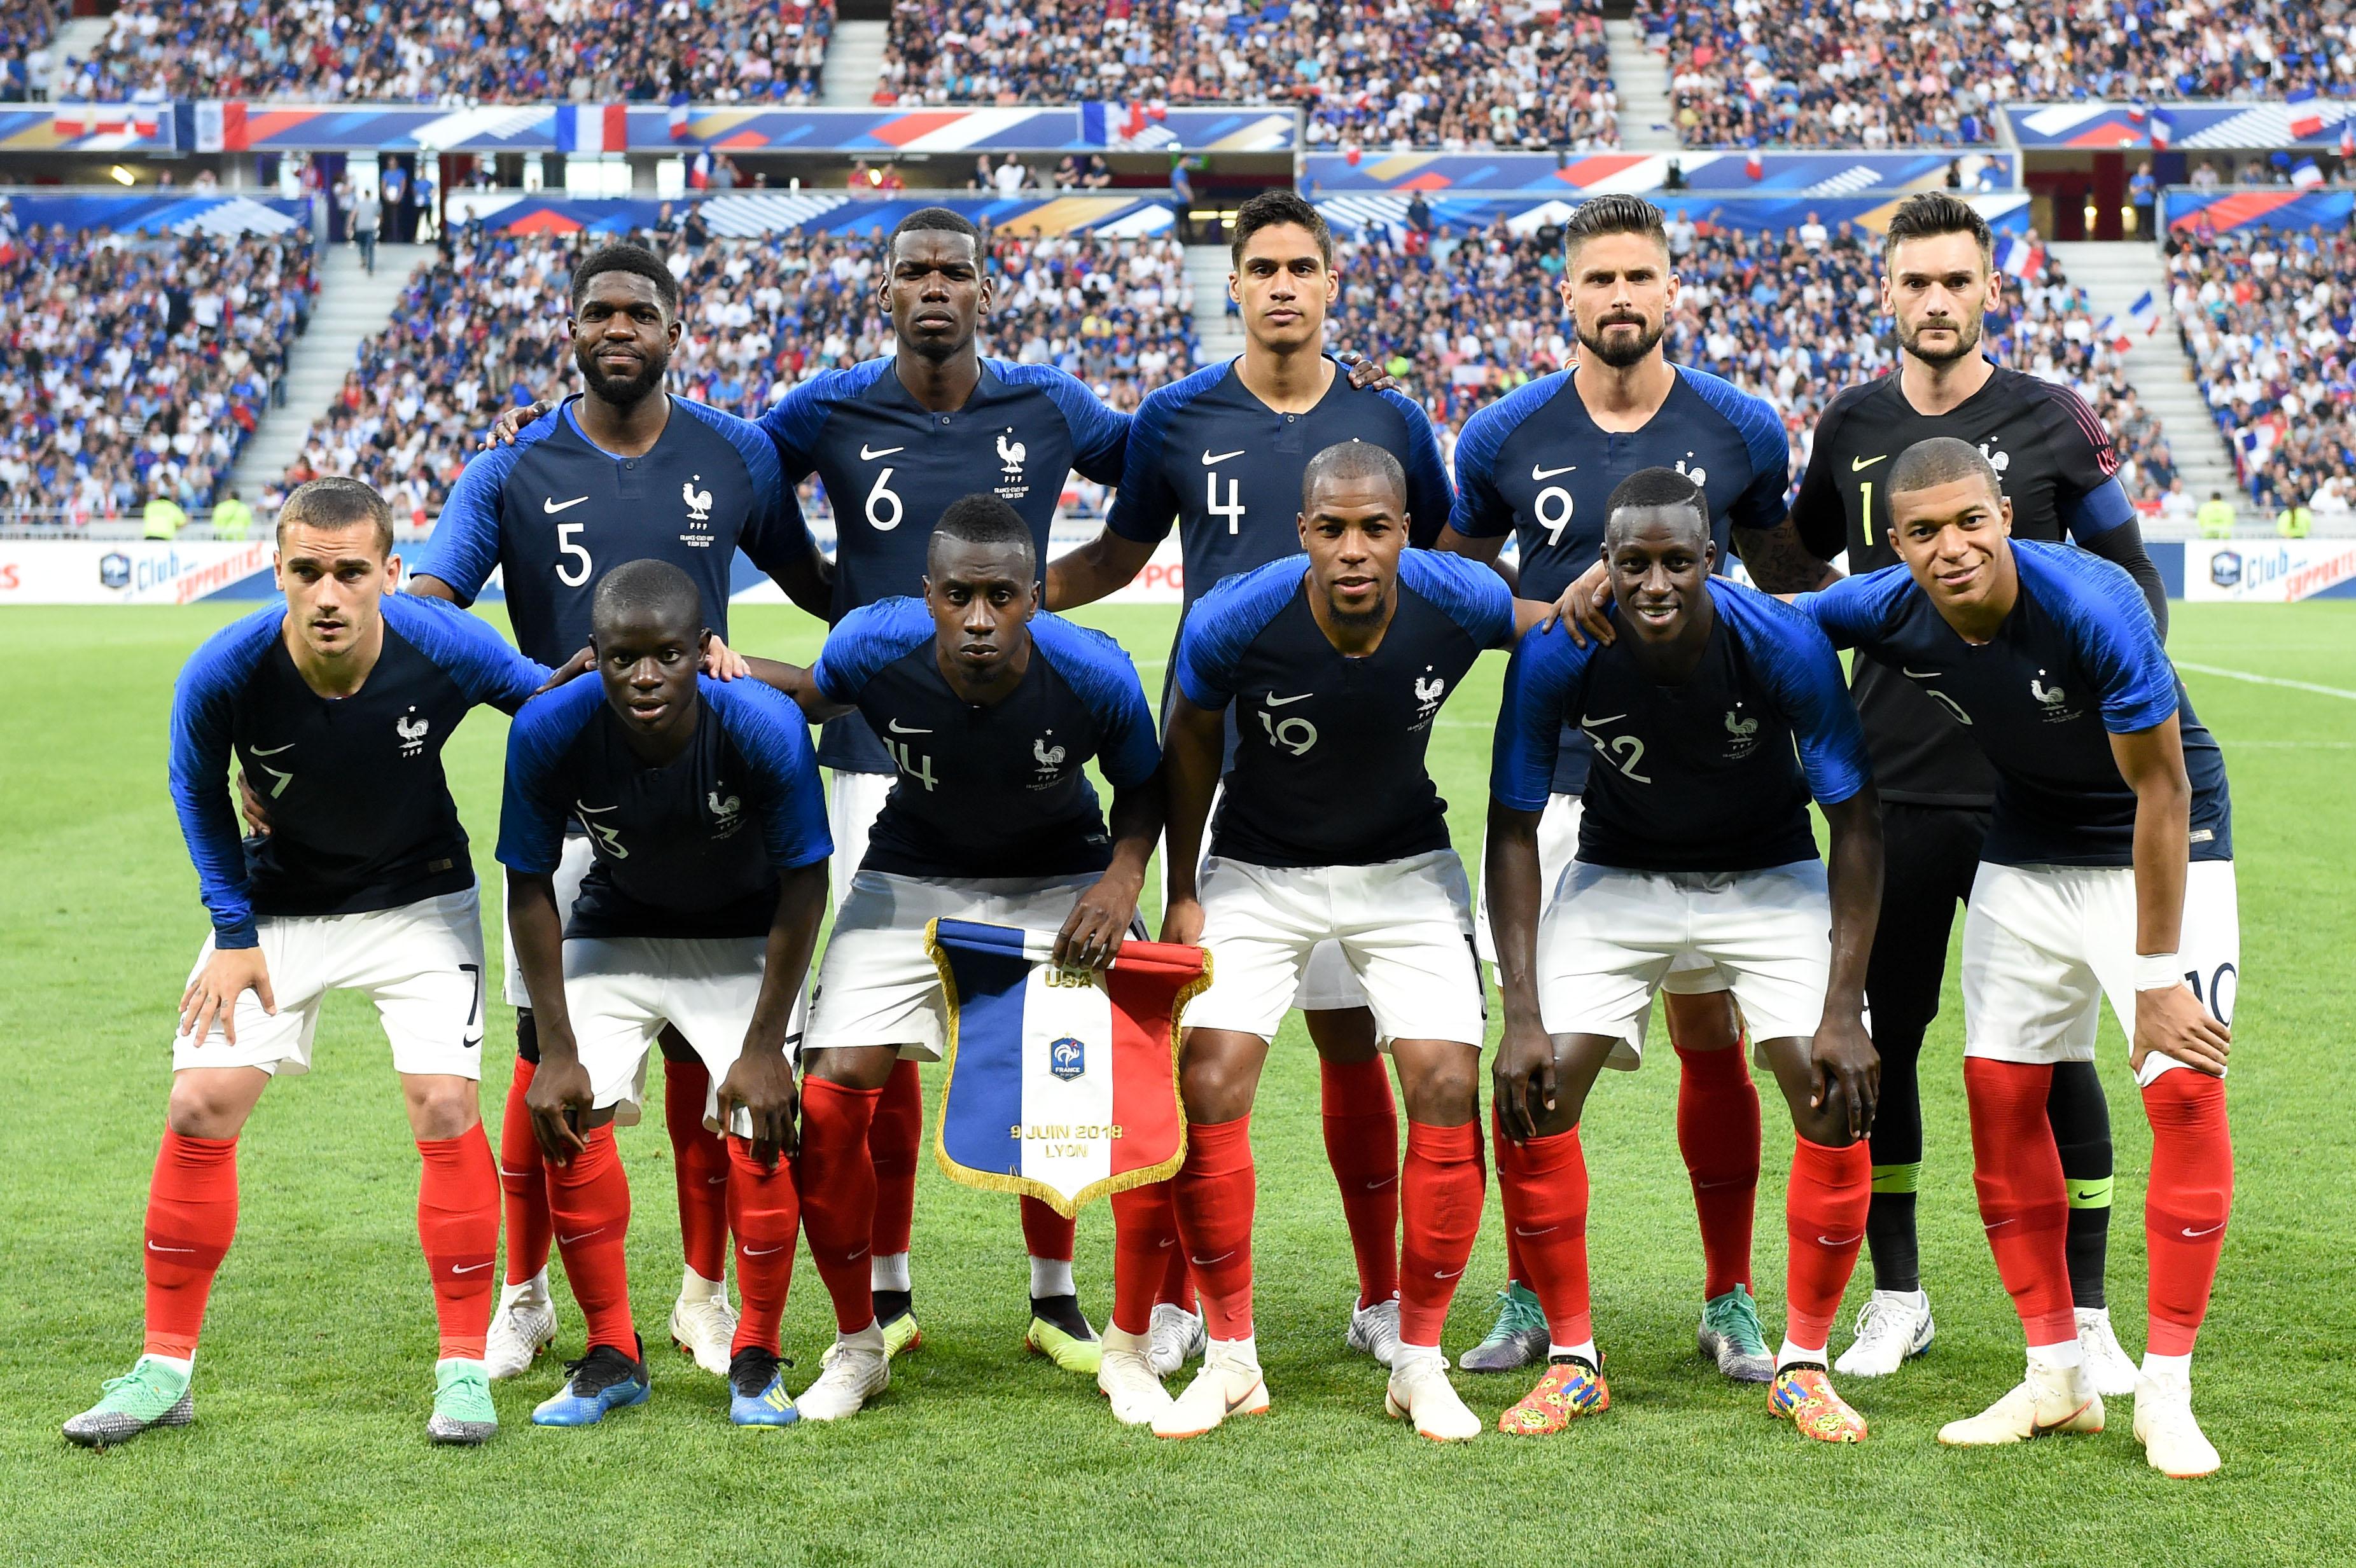 Football - Coupe du monde - Les Bleus ne cachent pas leur (immense) ambition